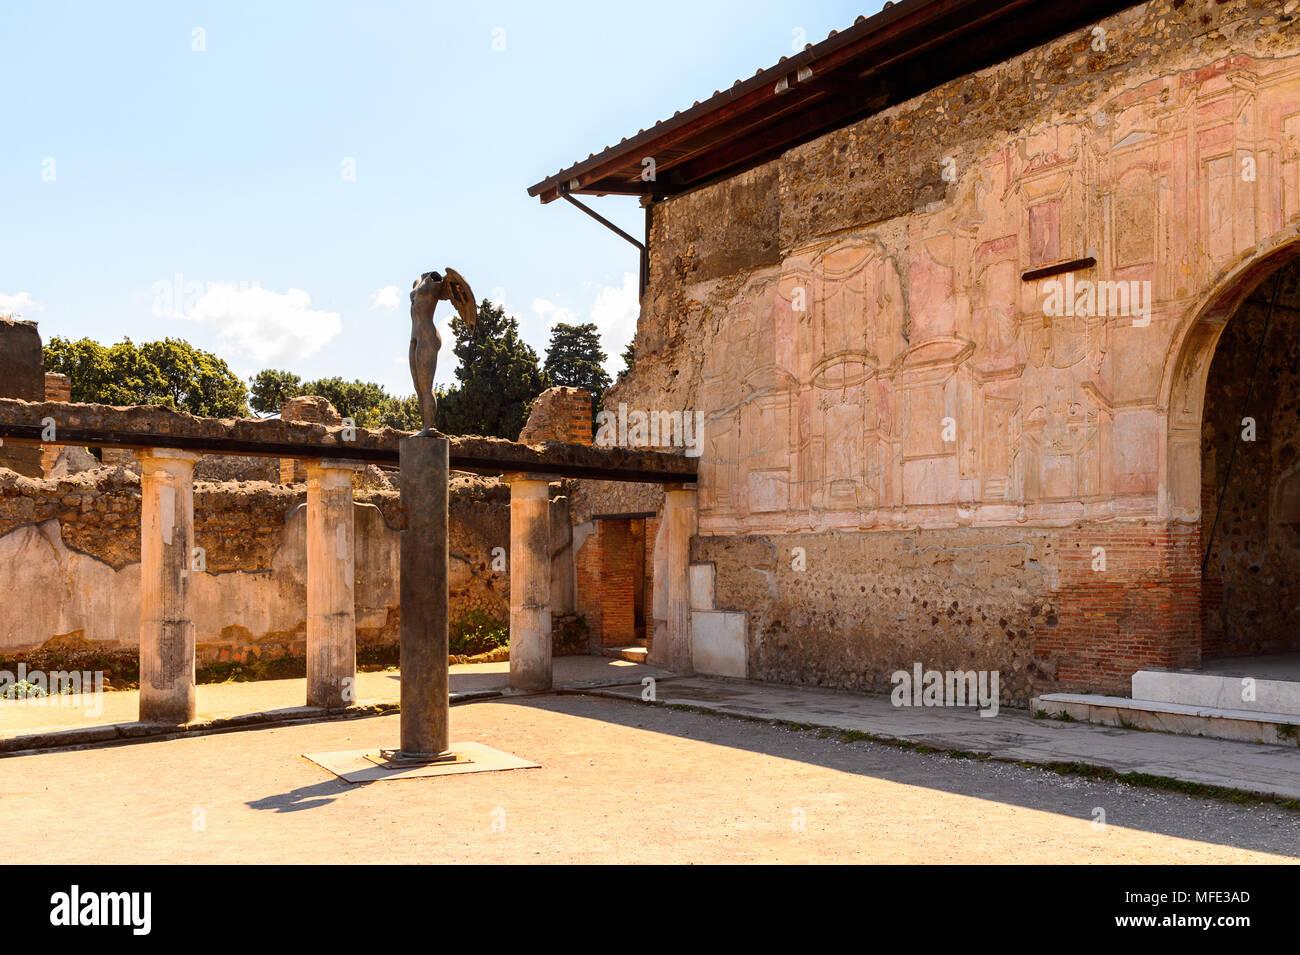 Pompéi, une ancienne ville romaine détruite par le volcan Vésuve. Site du patrimoine mondial de l'UNESCO Photo Stock